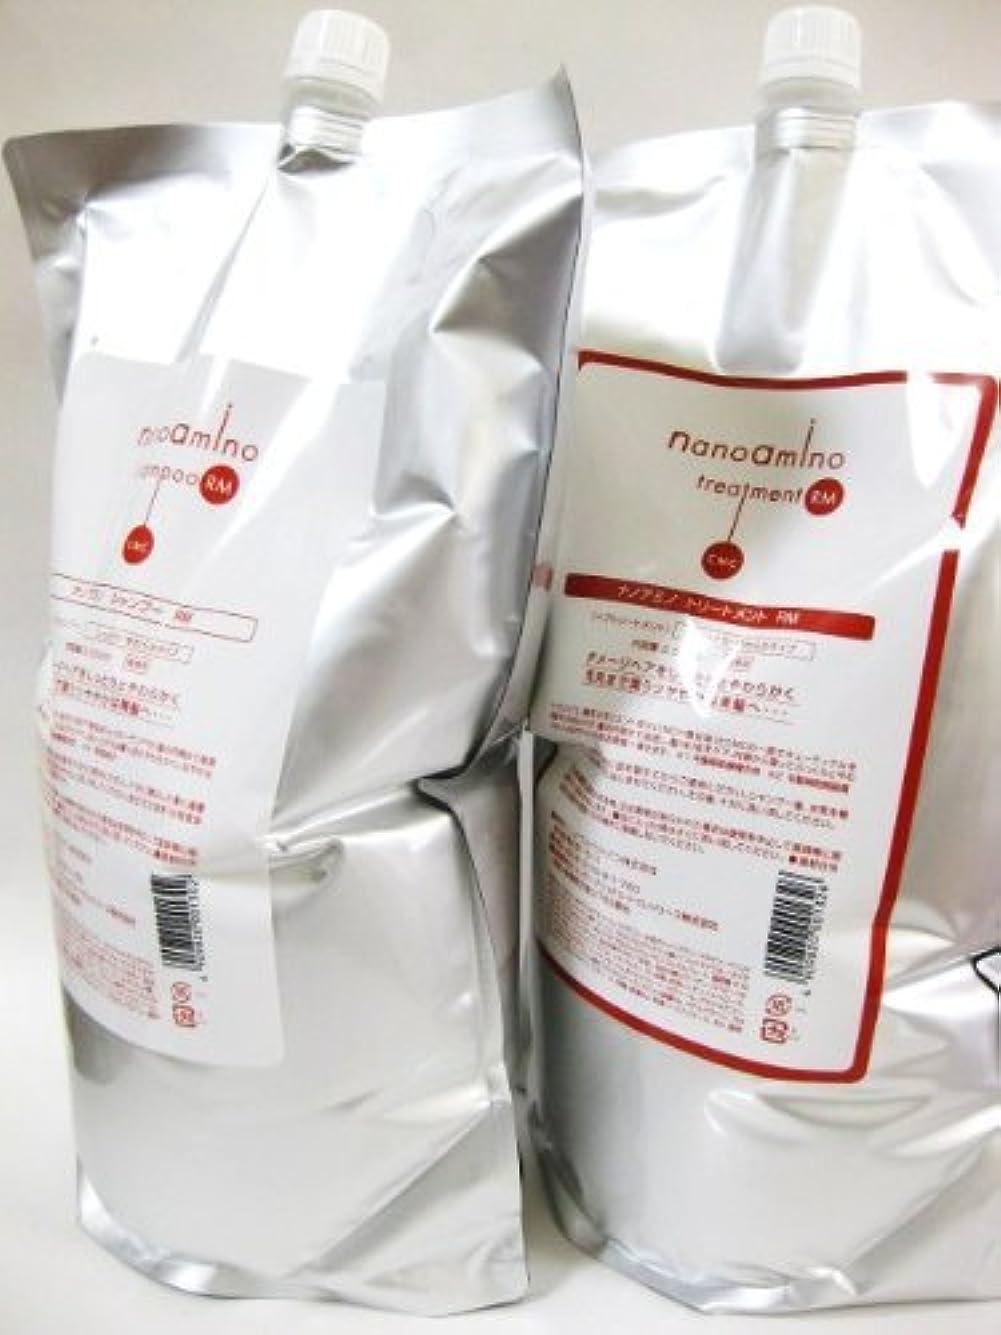 条約複製するマスタードニューウェイジャパン ナノアミノ RM 2500 詰替えタイプ 合わせて5キロ!![ビックサイズ]セット